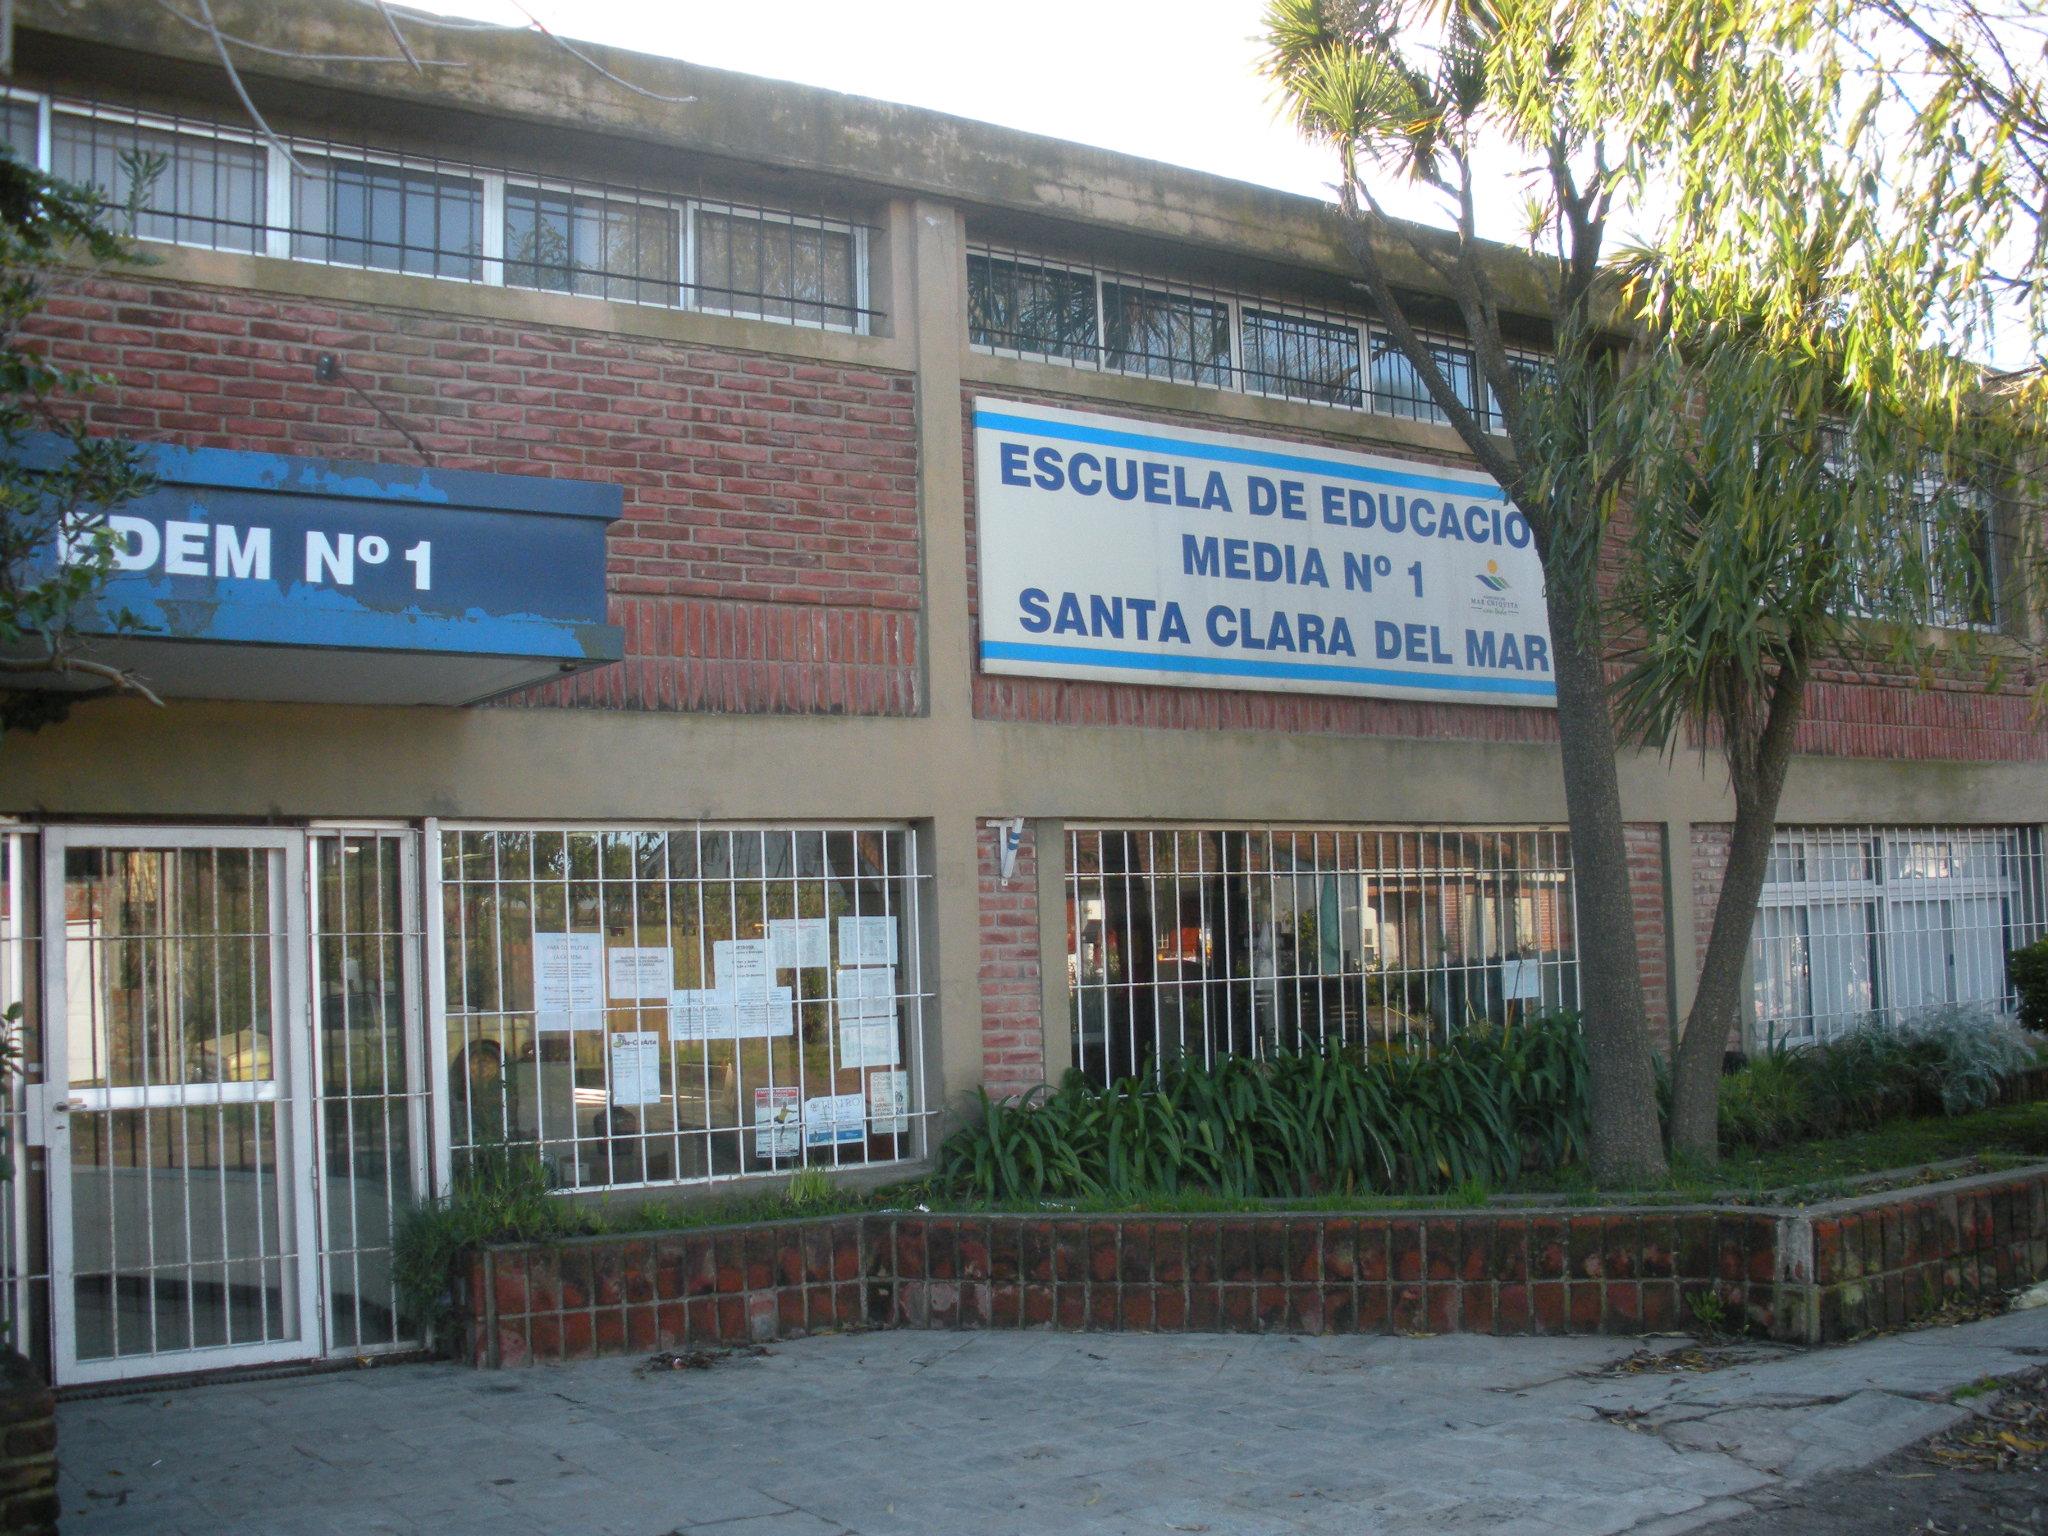 Escuela EDEM N°1